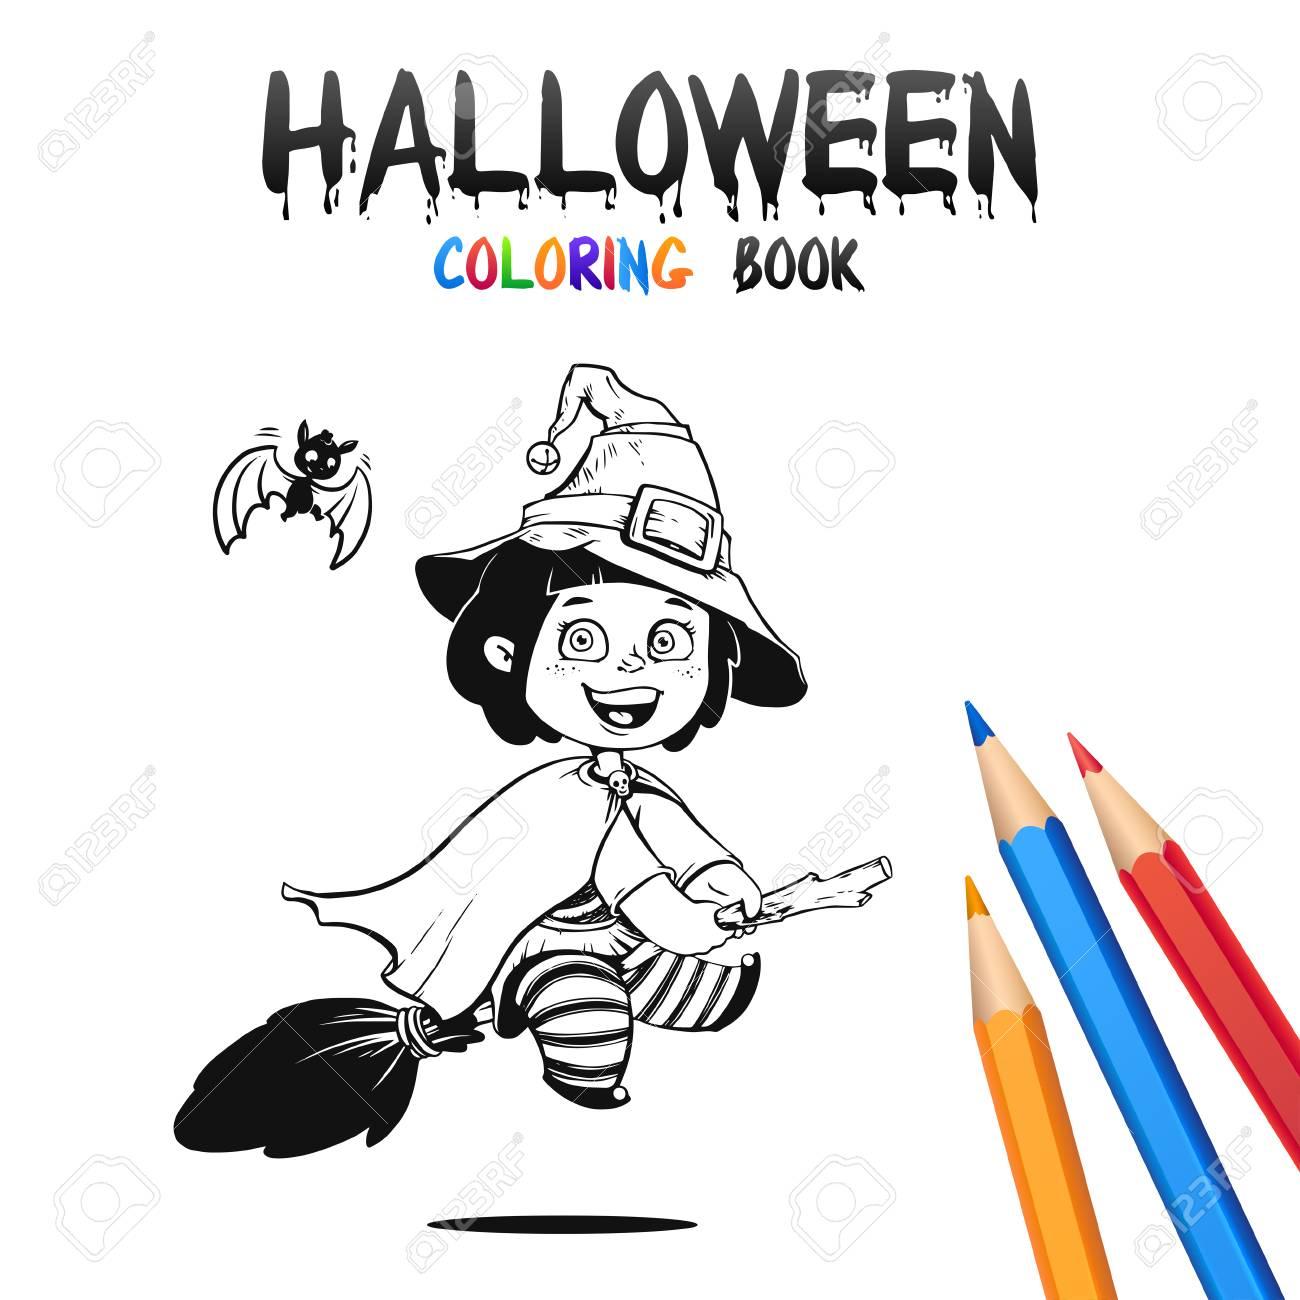 Petite Sorciere Au Chapeau Sur Broomsick Livre De Coloriage D Halloween Illustration Pour Enfants Vector Personnage De Dessin Anime Isole Sur Fond